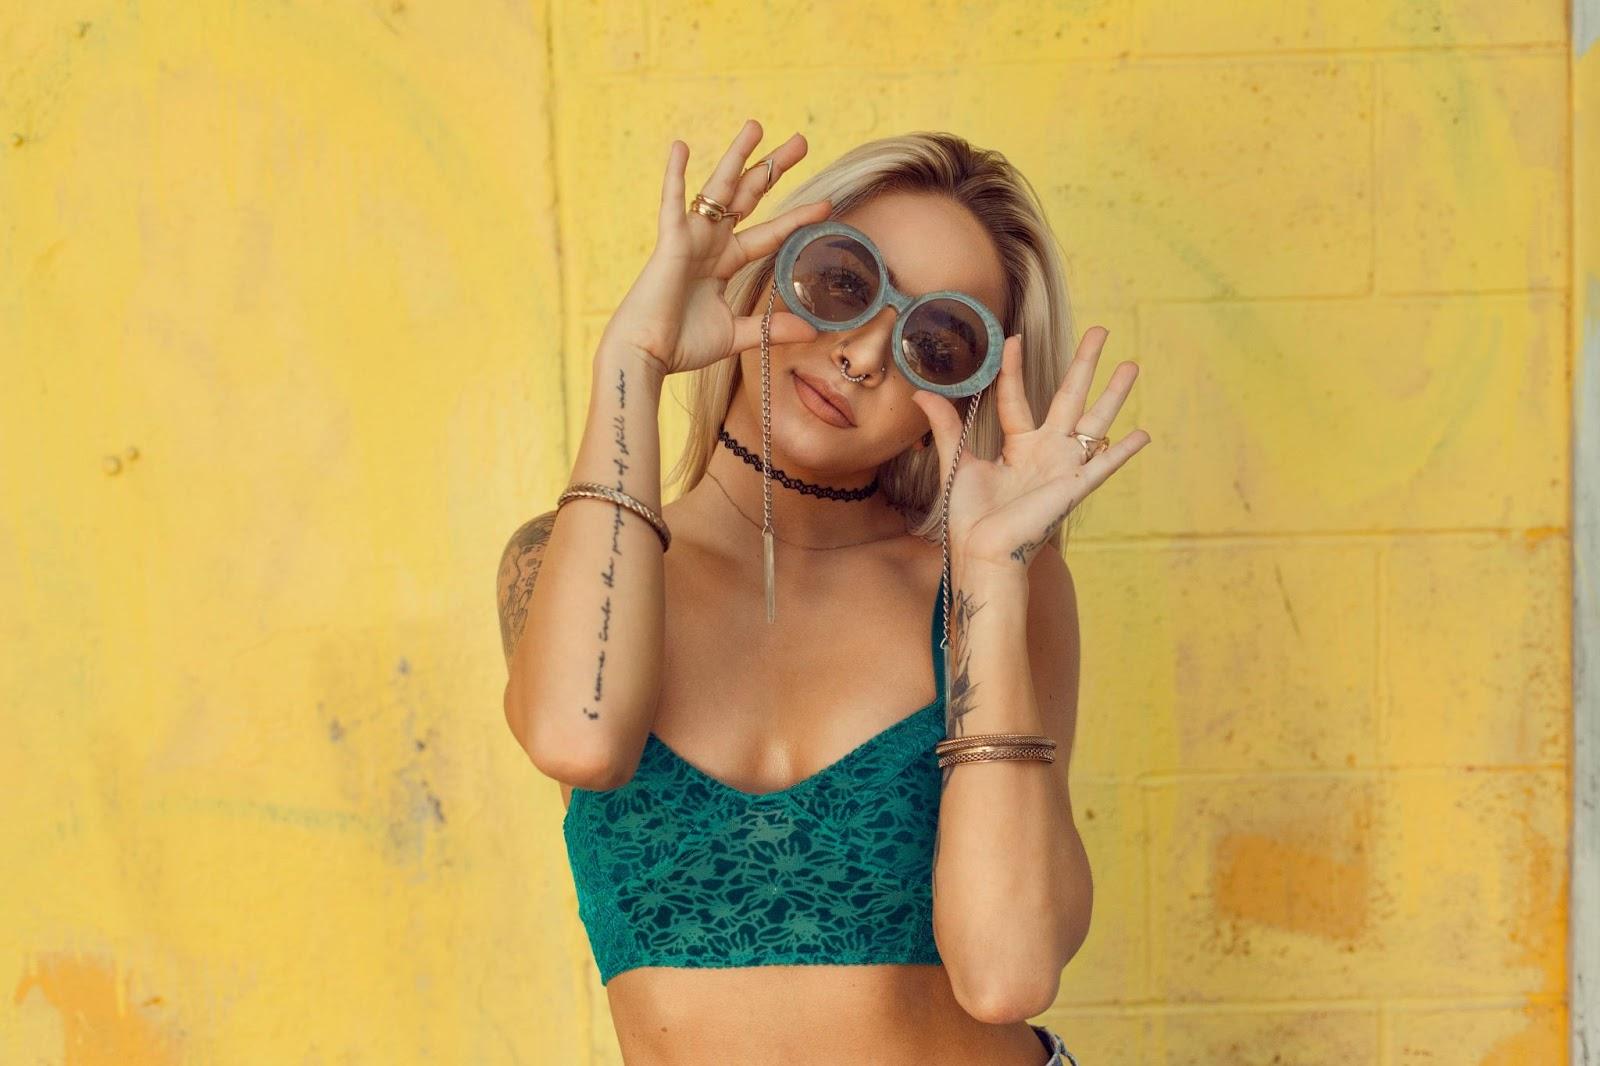 ragazza-bionda-che-tiene-in-mano-occhiali-da-sole